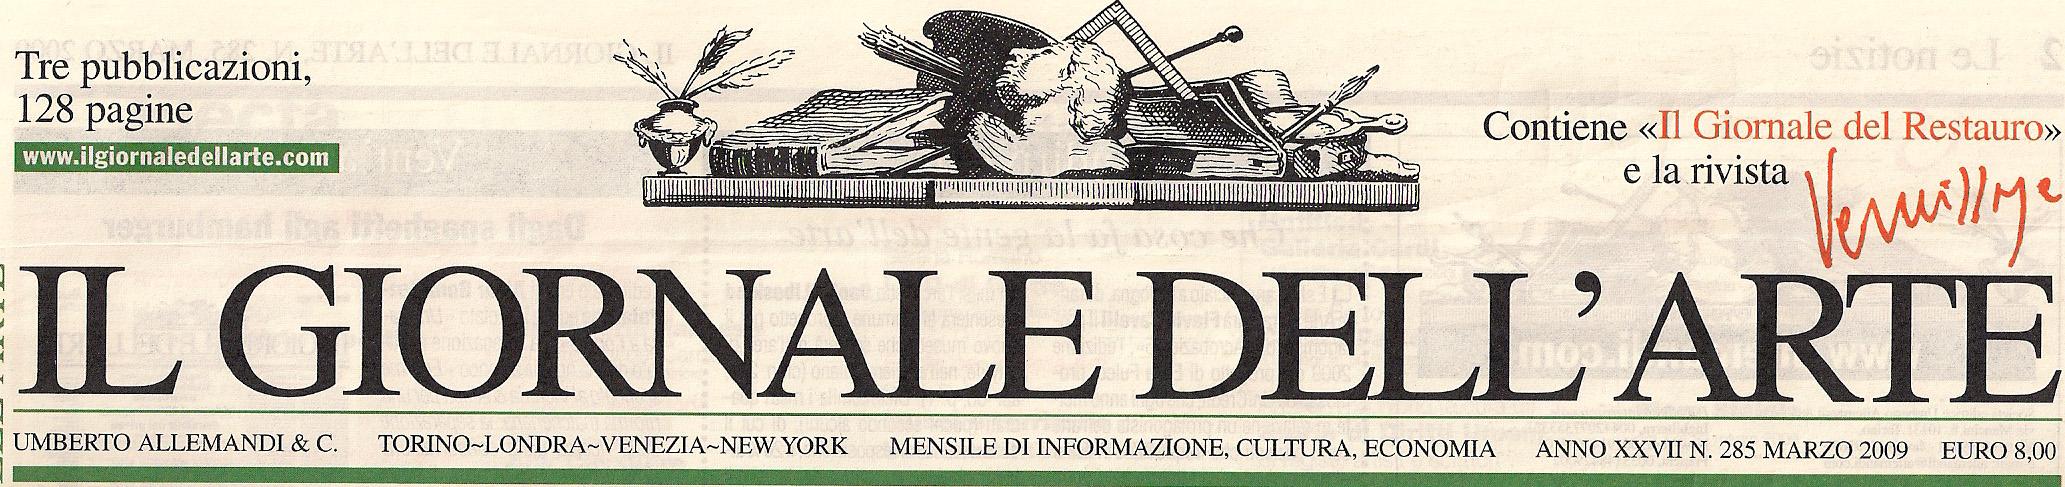 servizi traduzioni editoriali Lipsie edizione